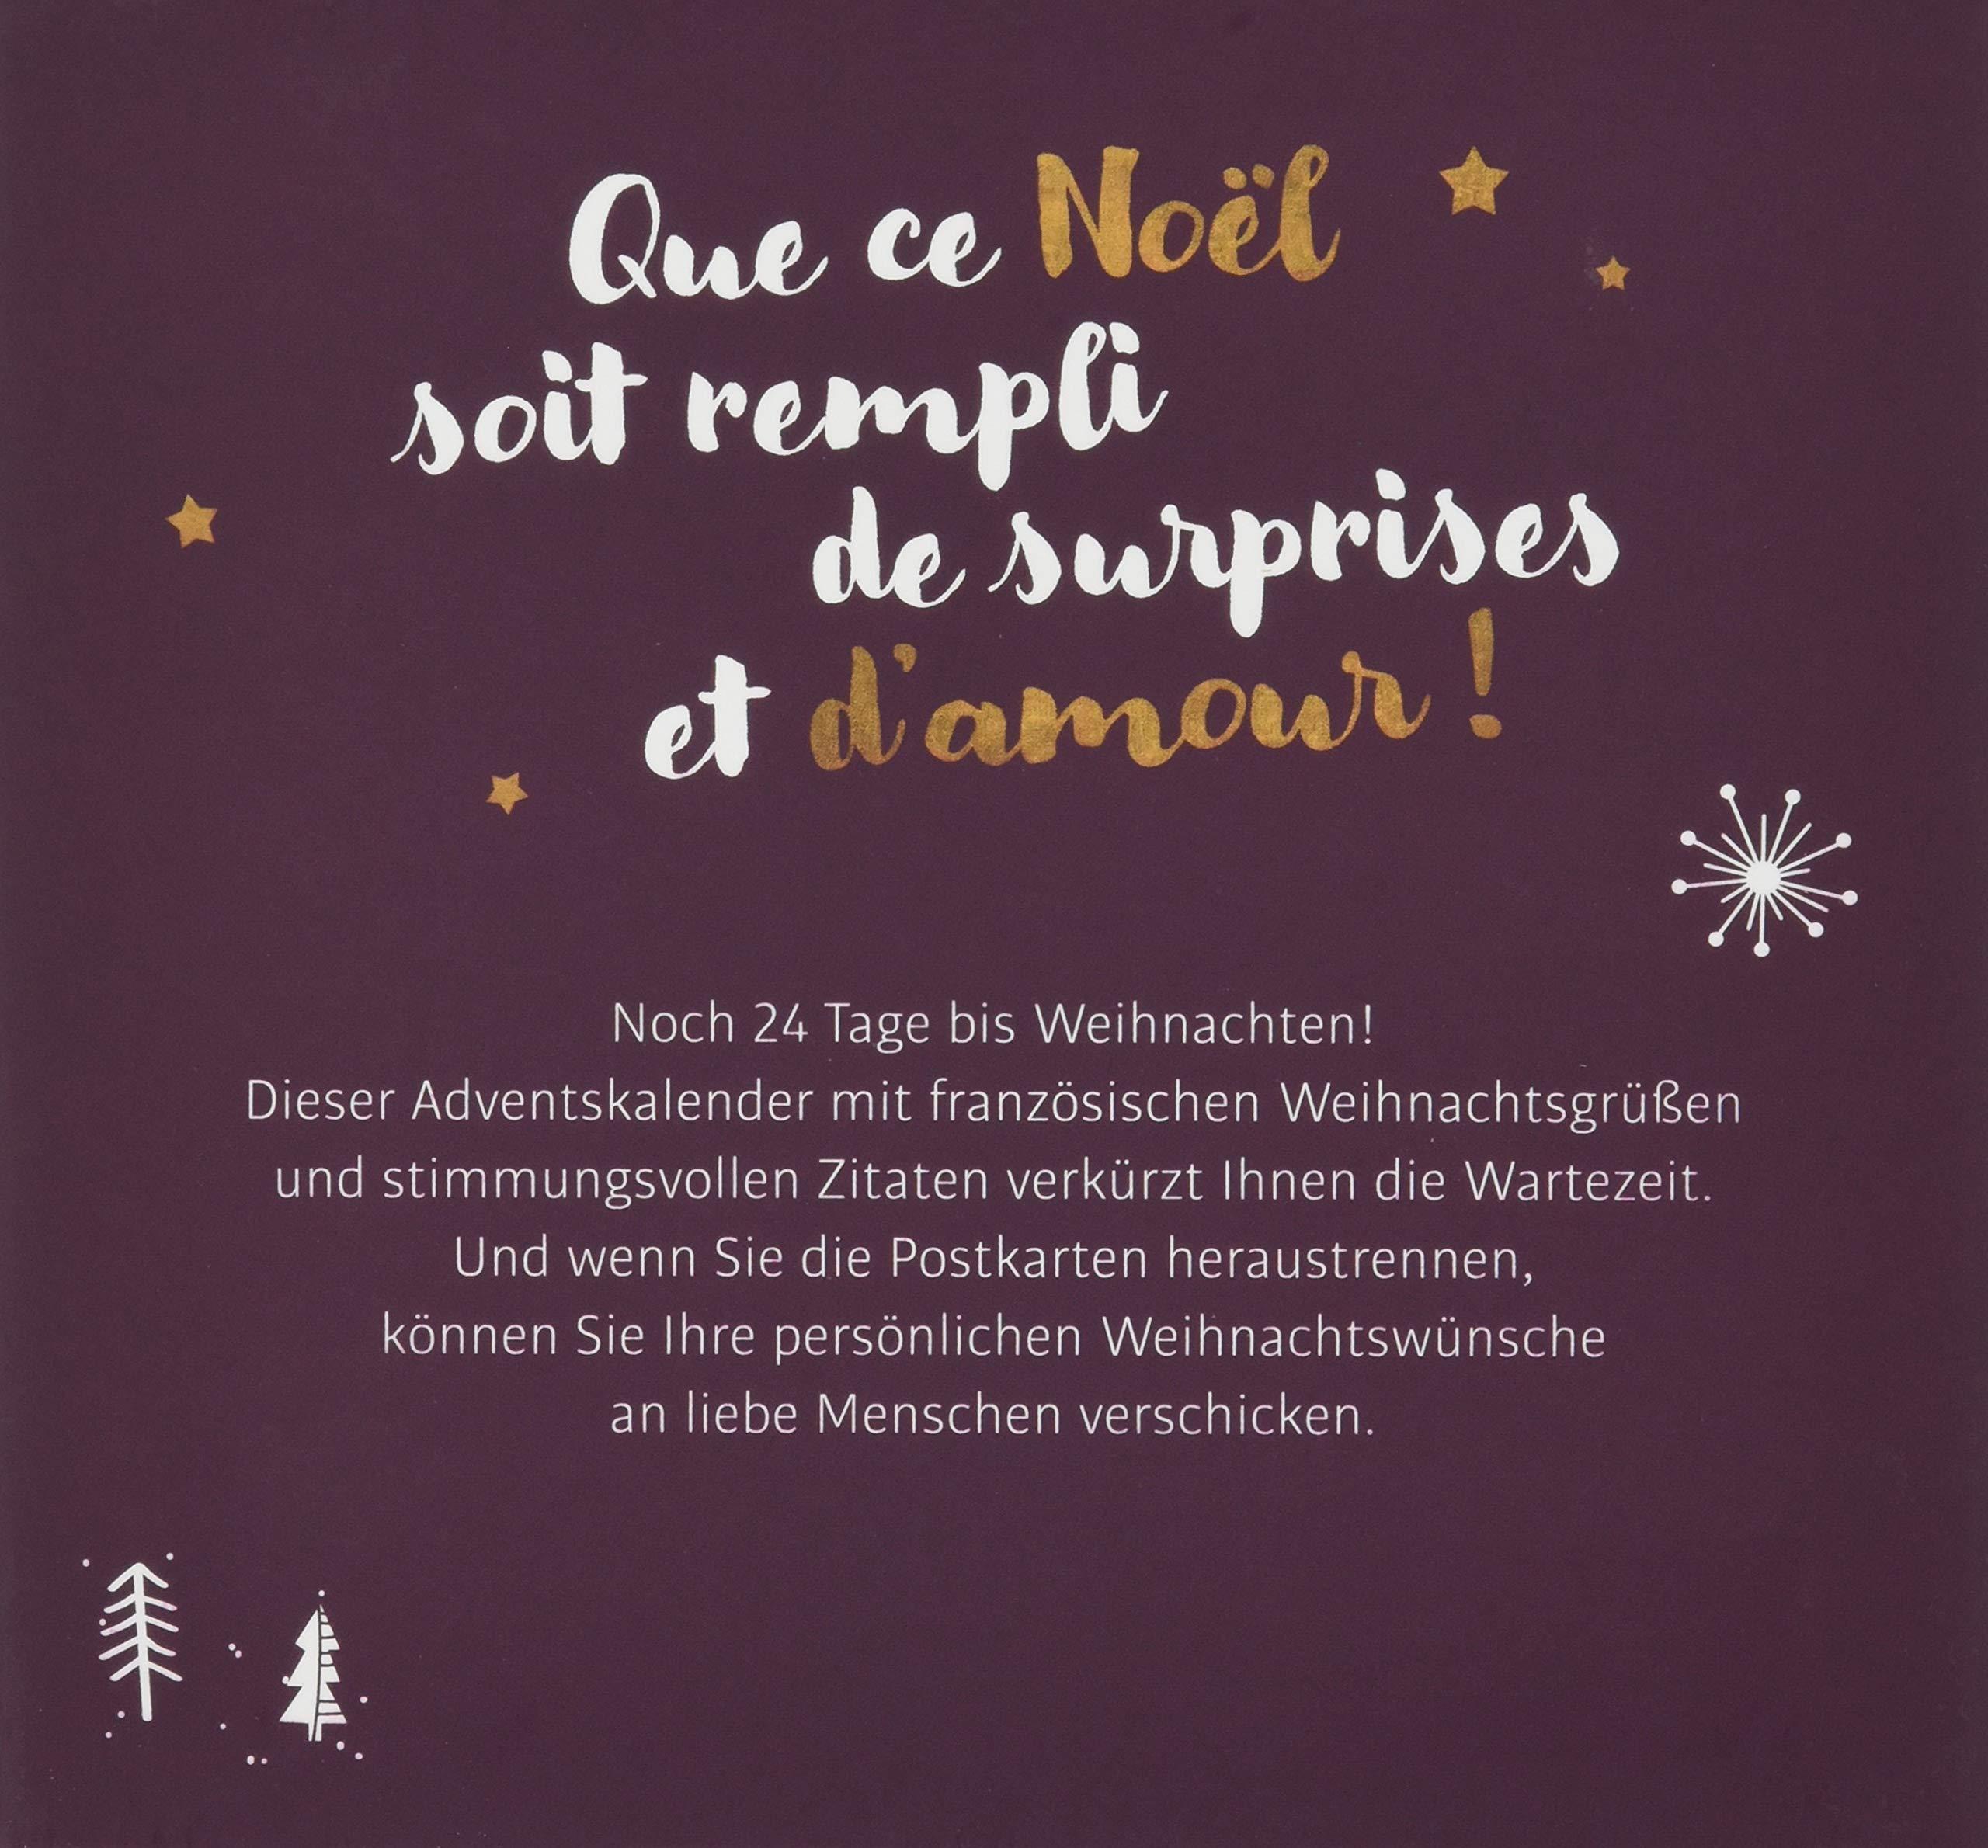 Weihnachtsgrüße In Französisch.Joyeux Noël Adventskalender Mit Postkarten 24 Weihnachtsgrüße